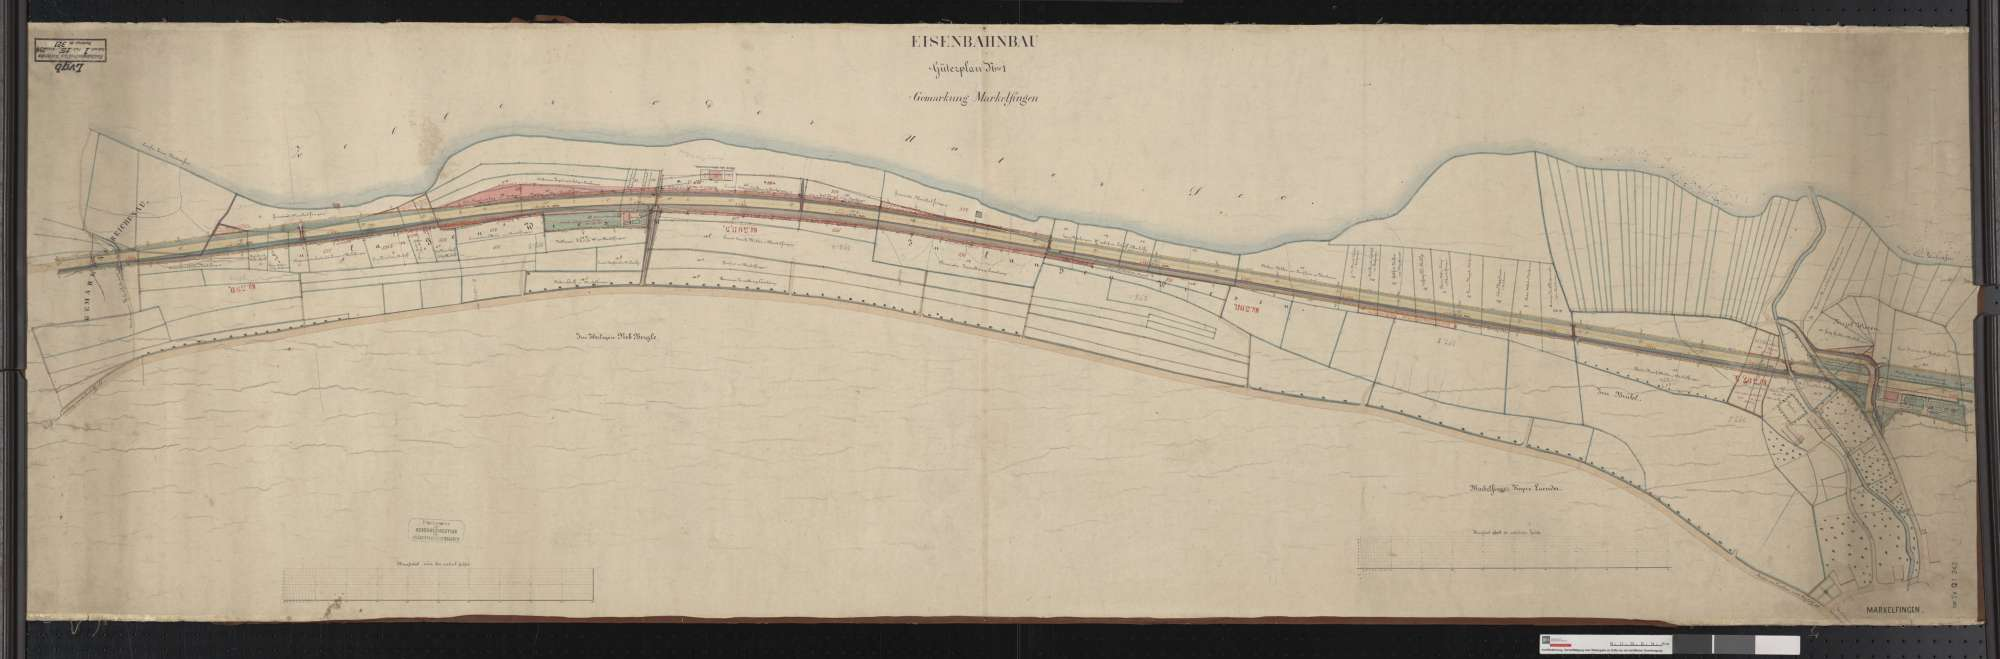 Güterplan der Eisenbahn auf der Gemarkung Markelfingen Streckenausschnitt: 397,3 bis 399,1 km, Bild 1